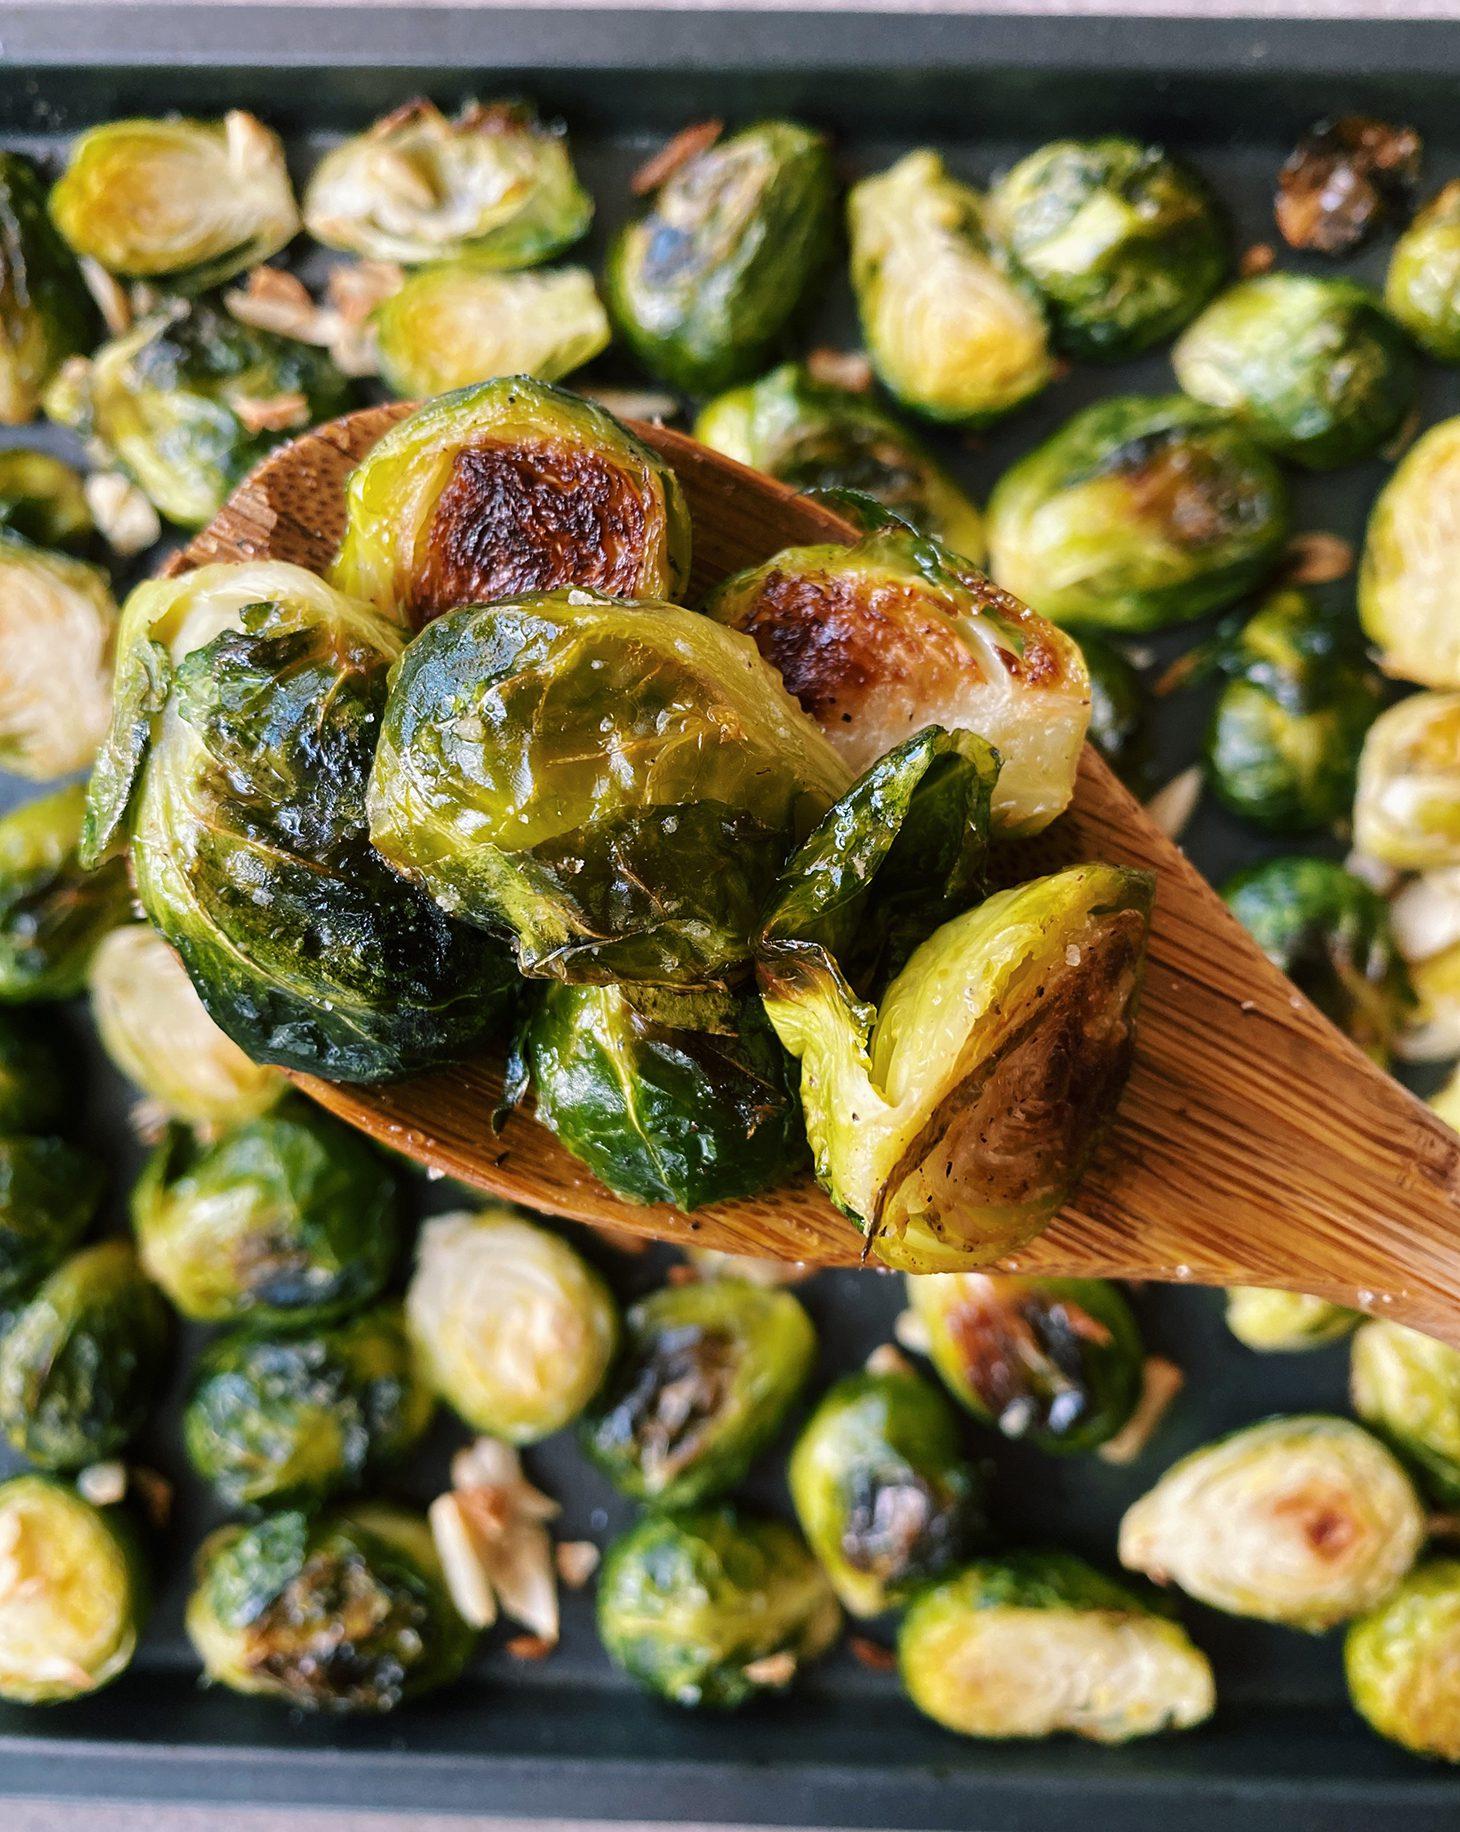 Vegan Brussel Sprout Recipe